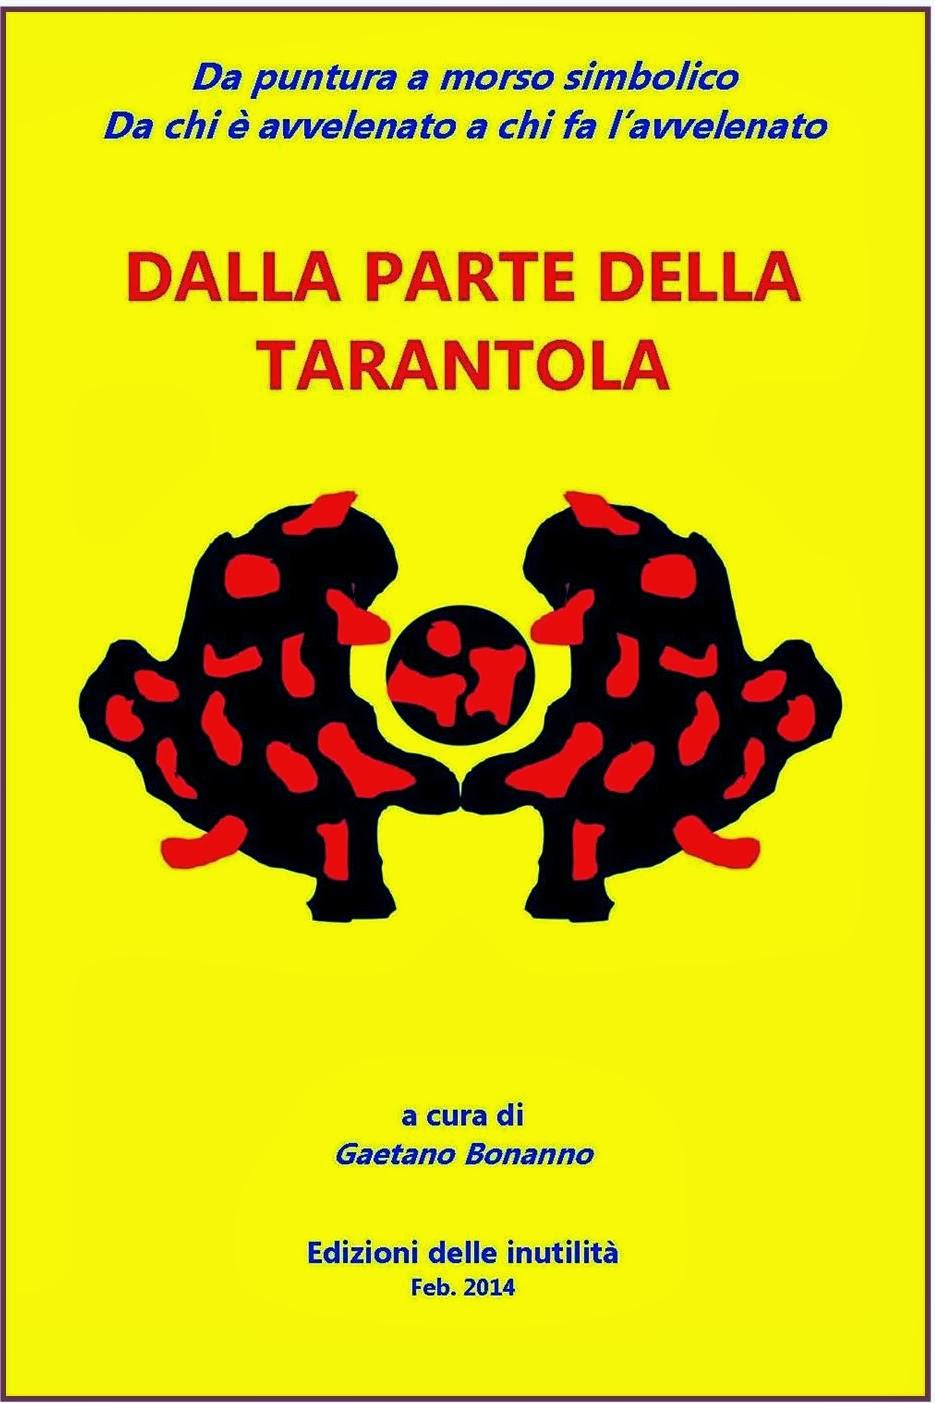 DALLA PARTE DELLA TARANTOLA